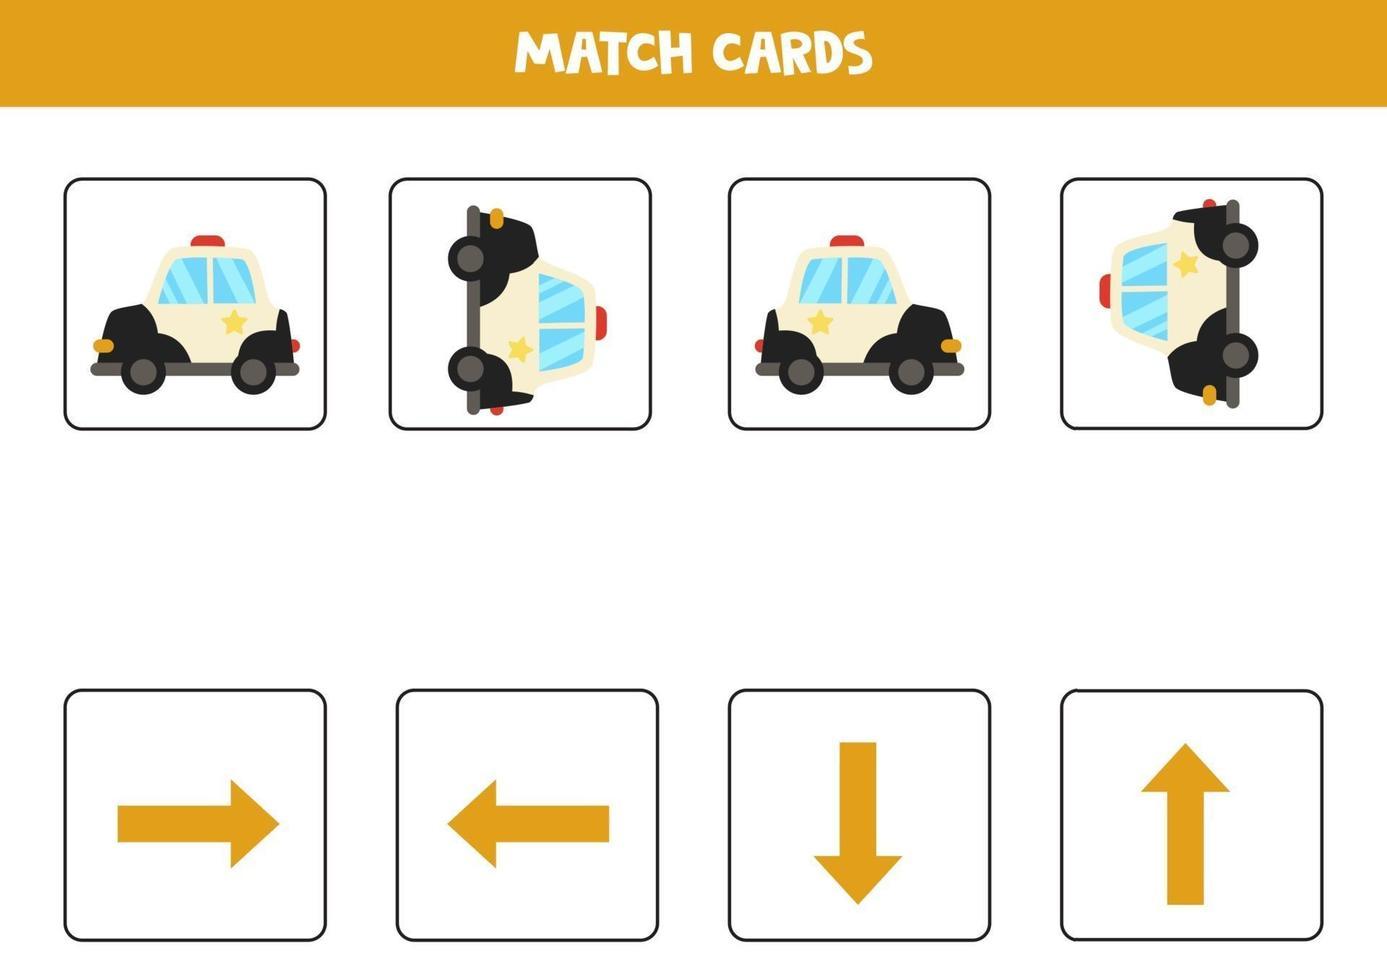 gauche, droite, haut ou bas. orientation spatiale avec voiture de police de dessin animé. vecteur